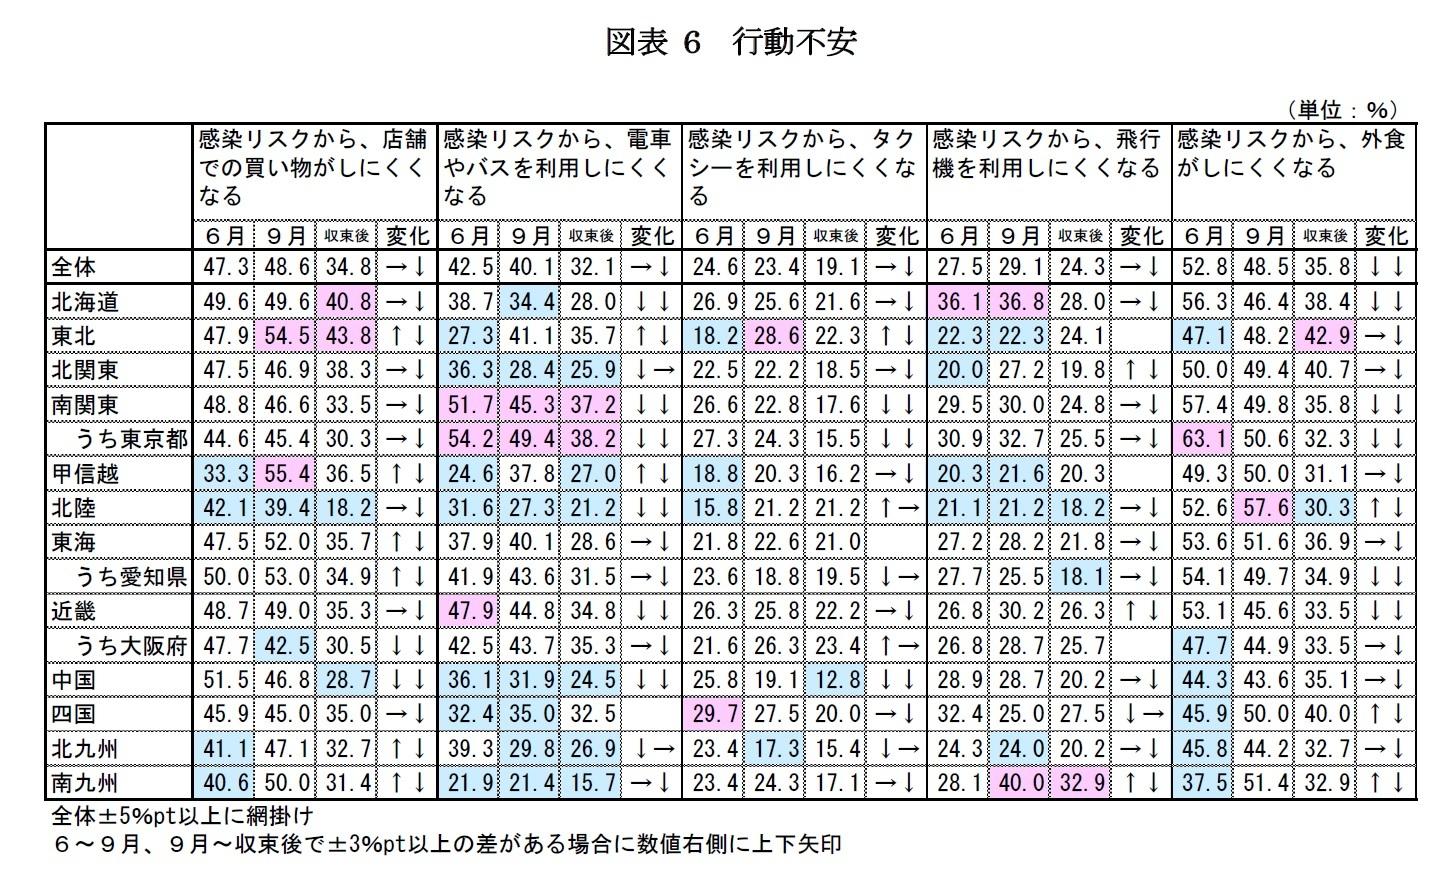 図表 6 行動